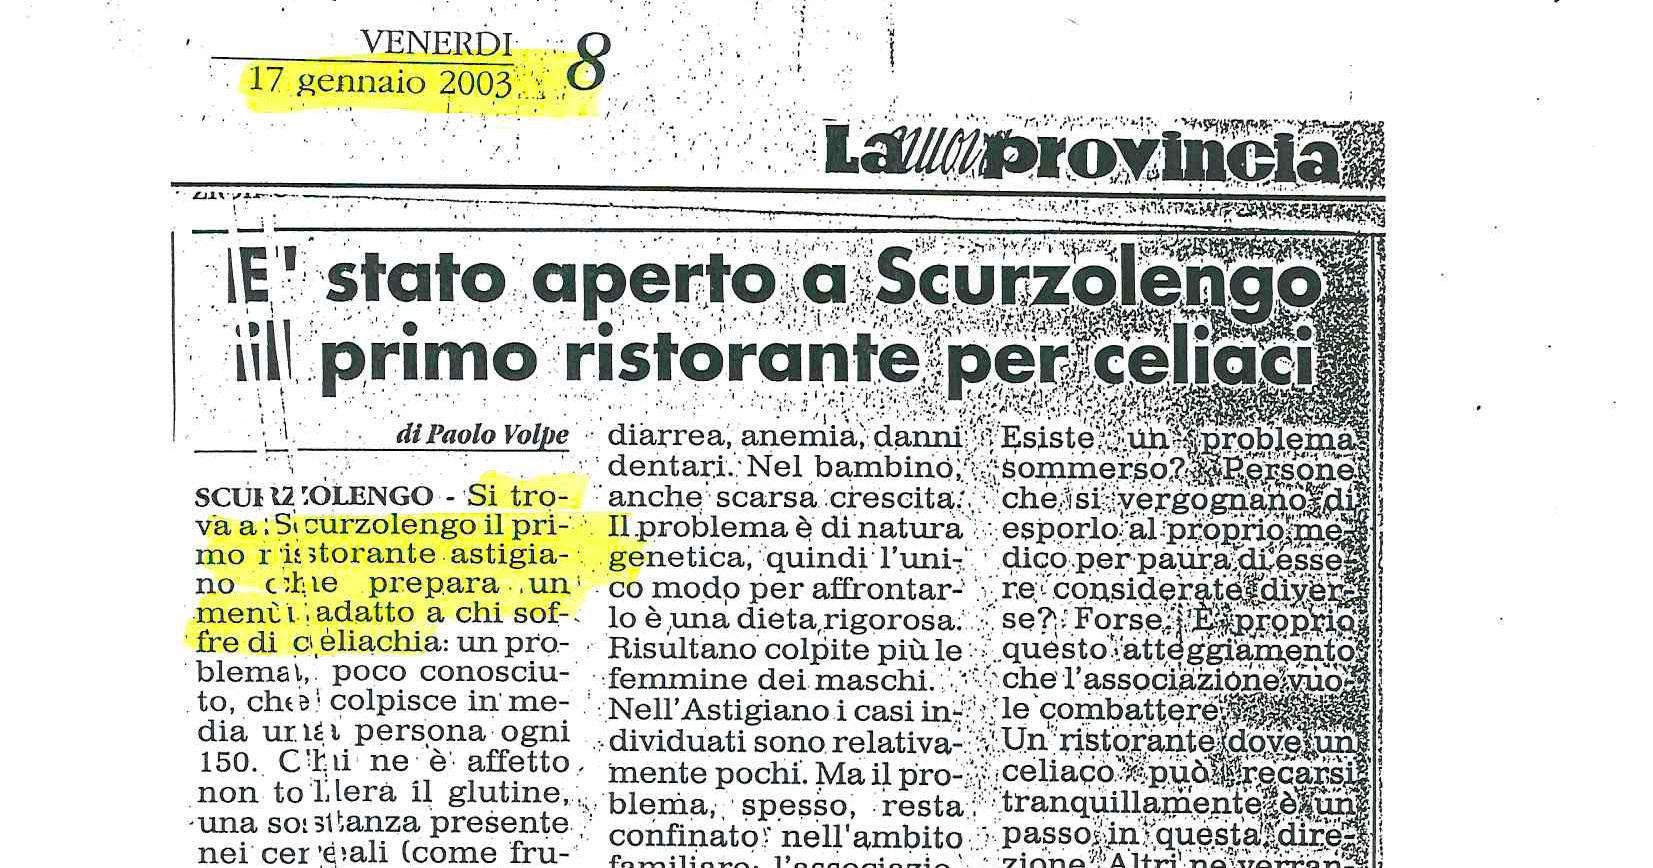 Si parla di noi, Ristorante La Raviola Galante, Scurzolengo, Monferrato, Piemonte